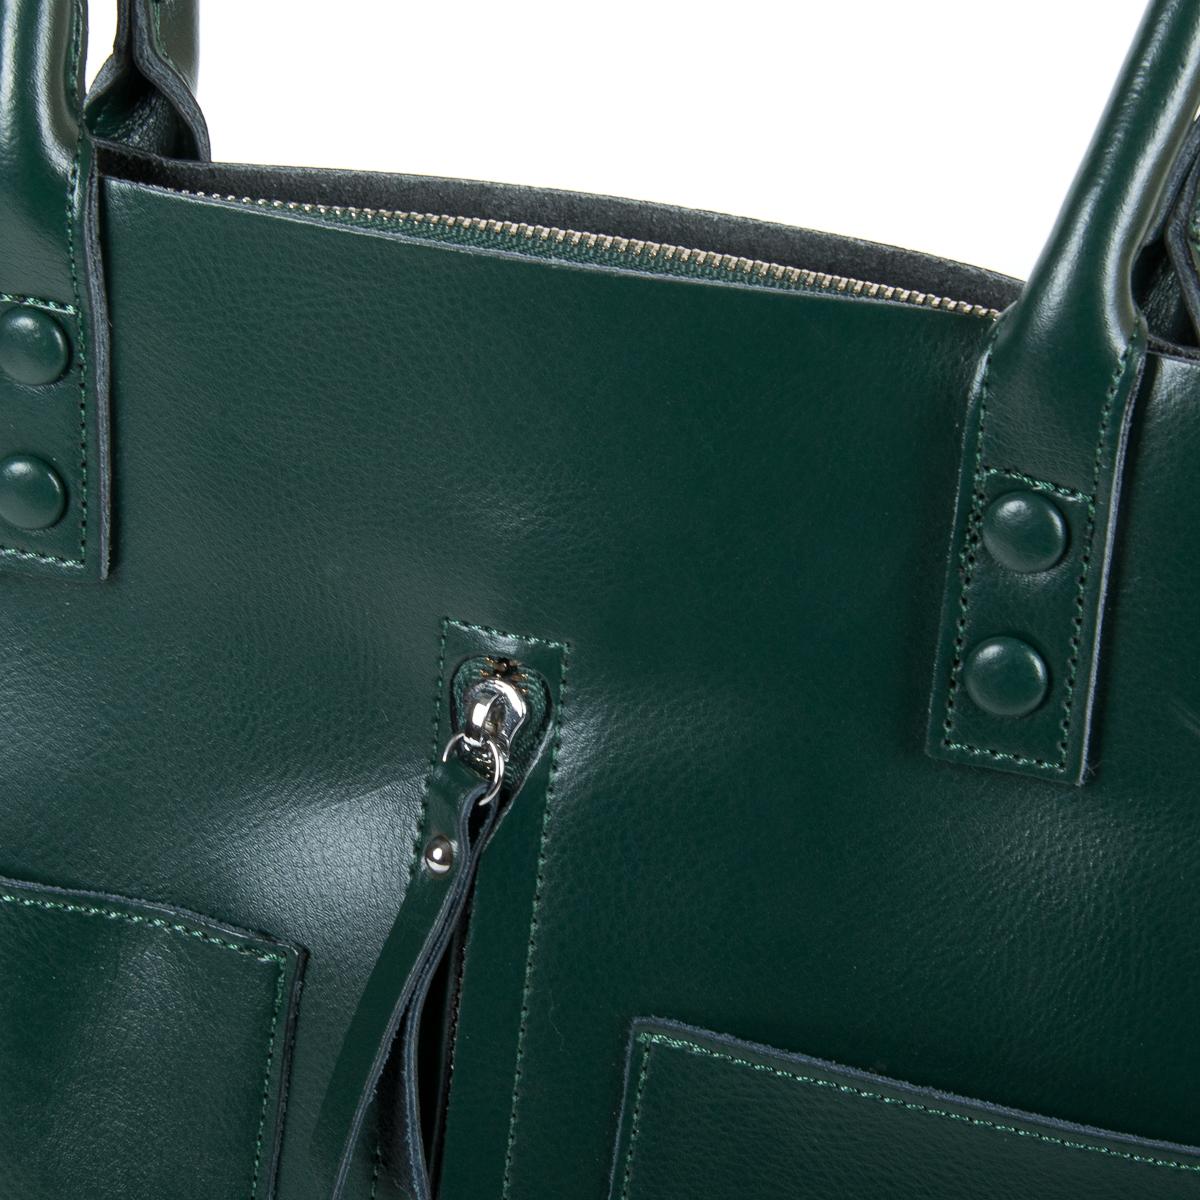 Сумка Женская Классическая кожа ALEX RAI 9-01 8776 dark-green - фото 3